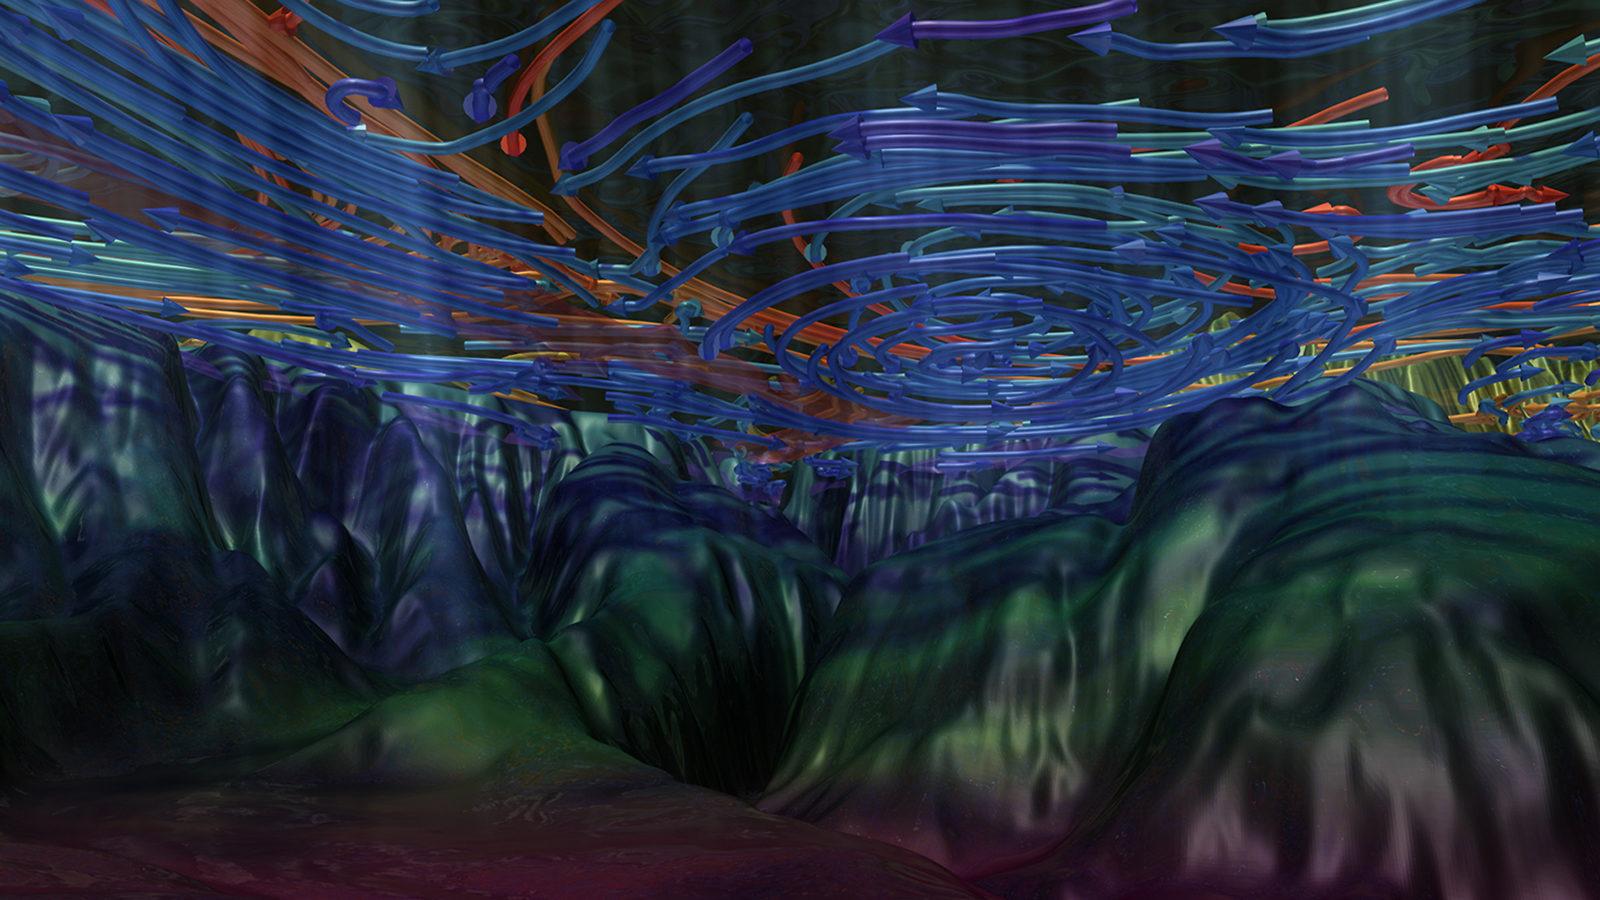 Ellen Sandor Oceans of Change